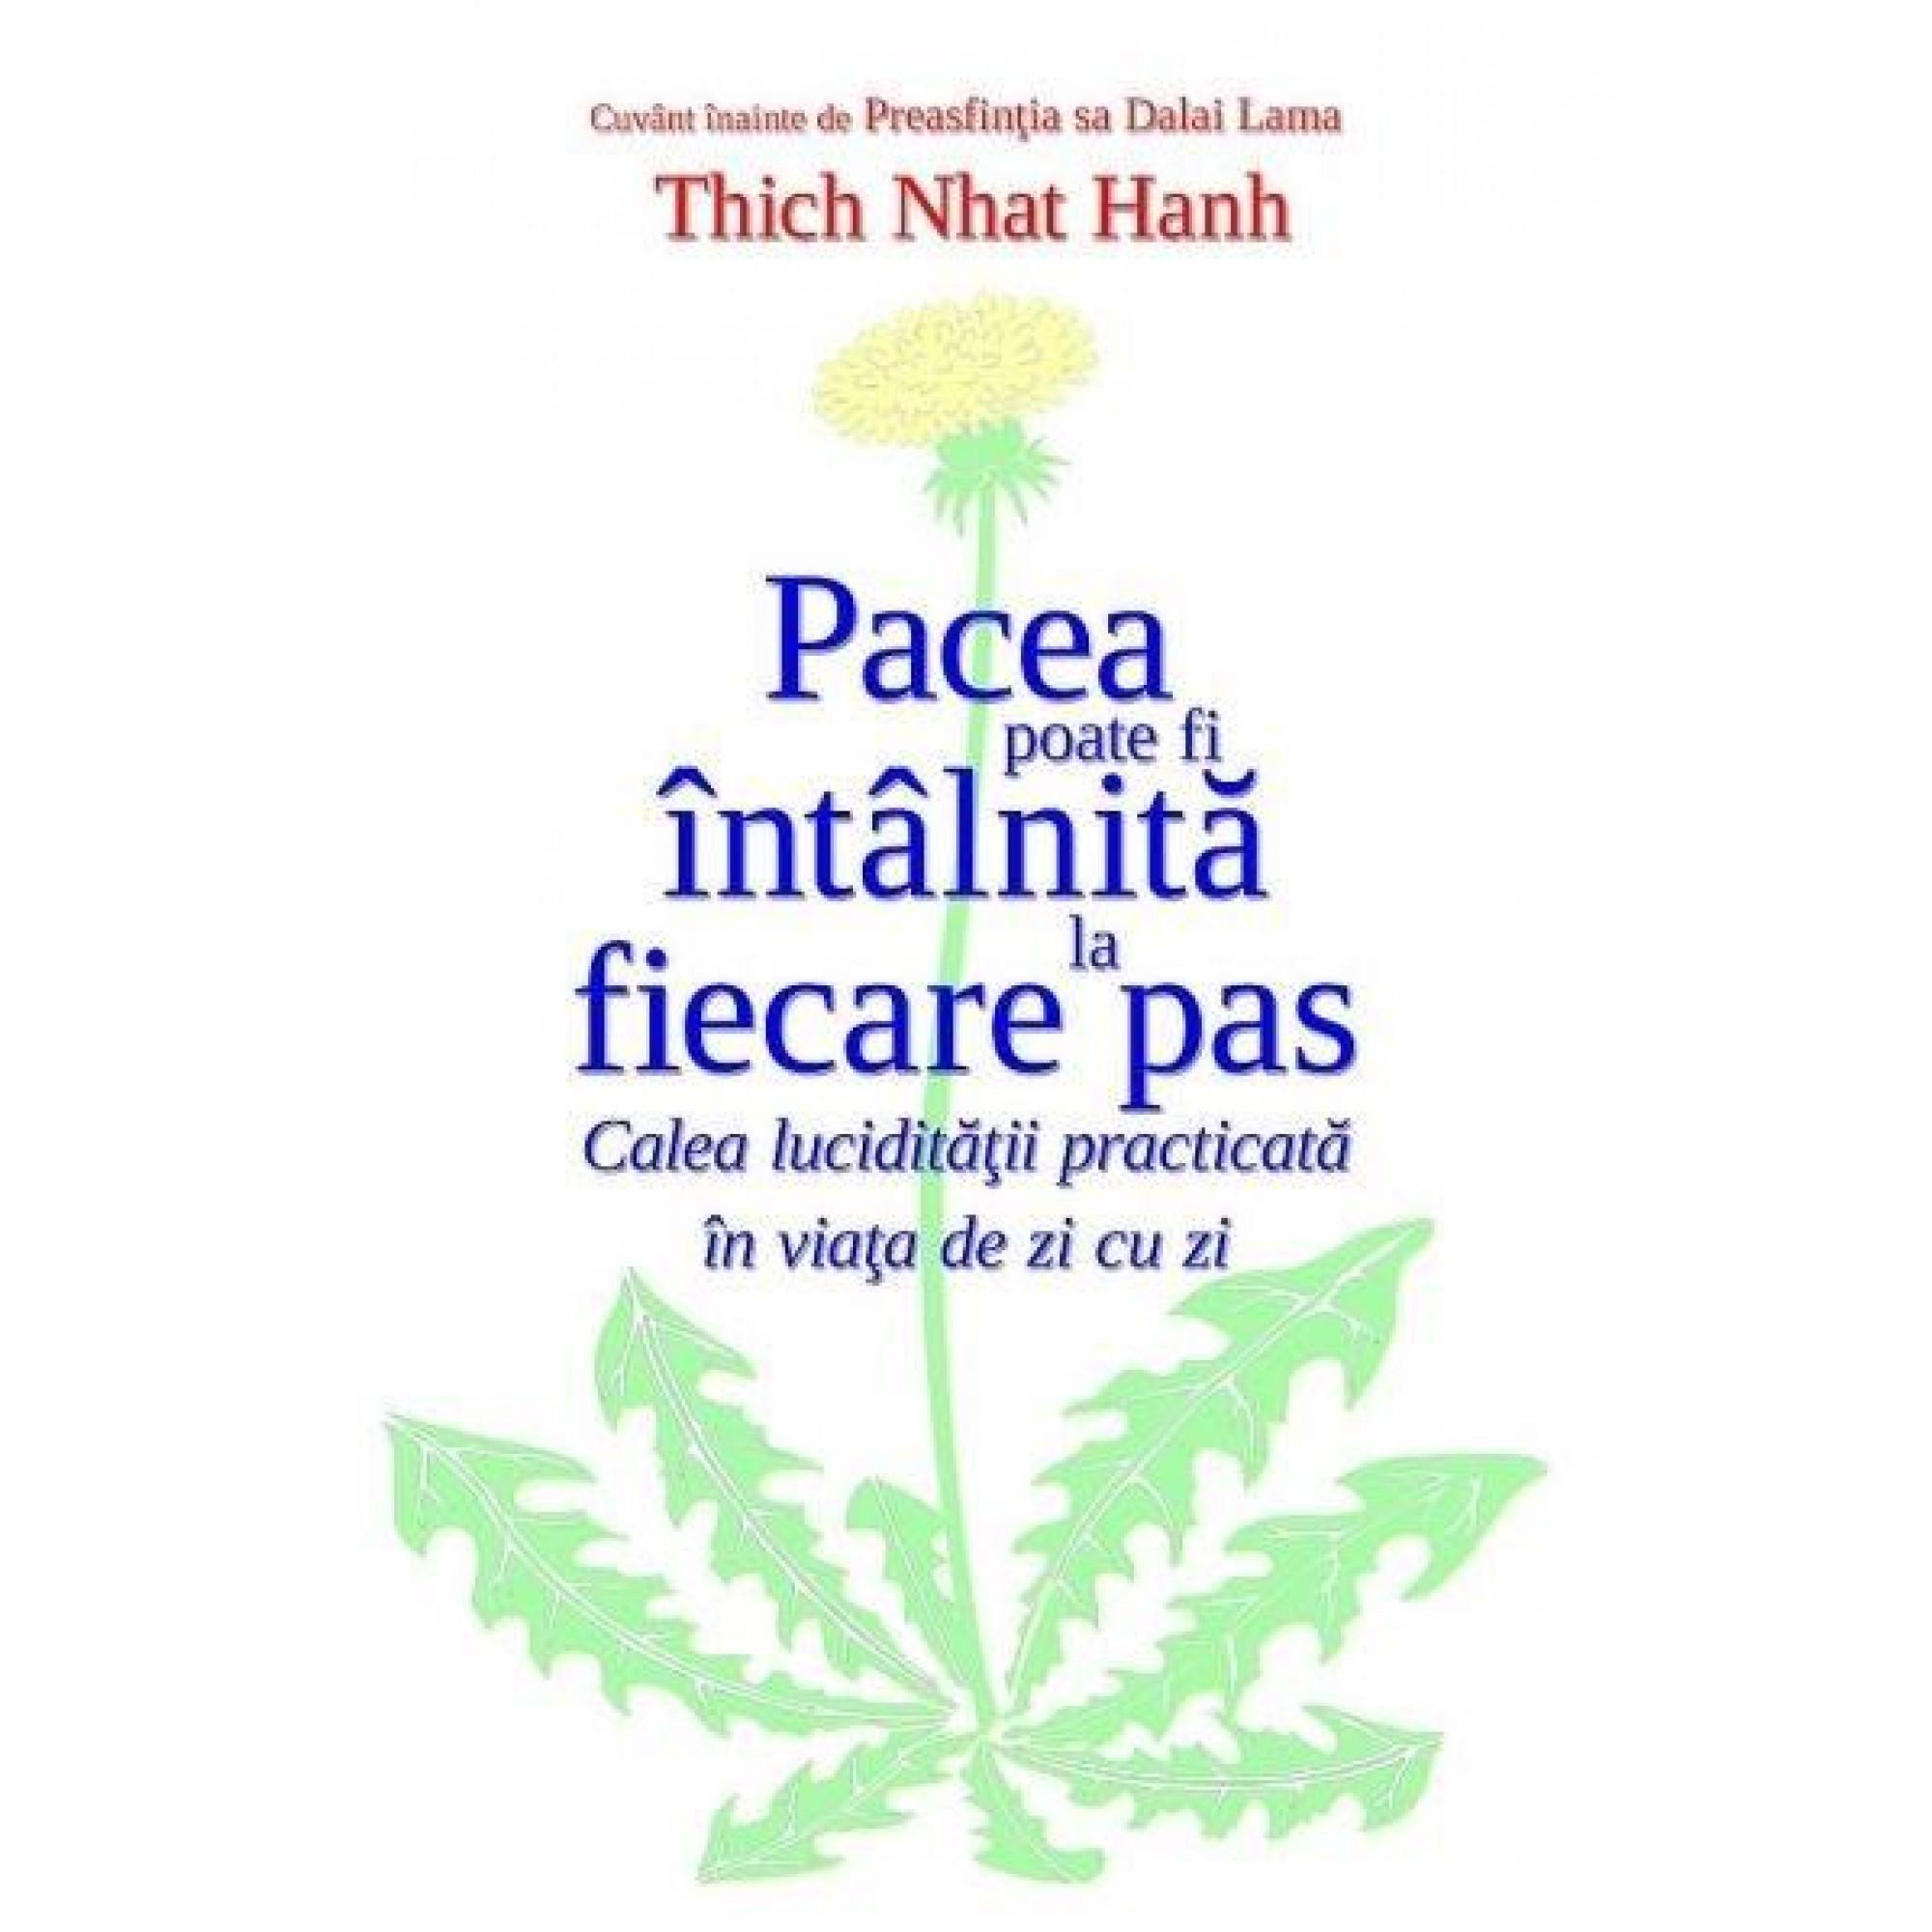 Pacea poate fi întâlnită la fiecare pas; Thich Nhat Hanh